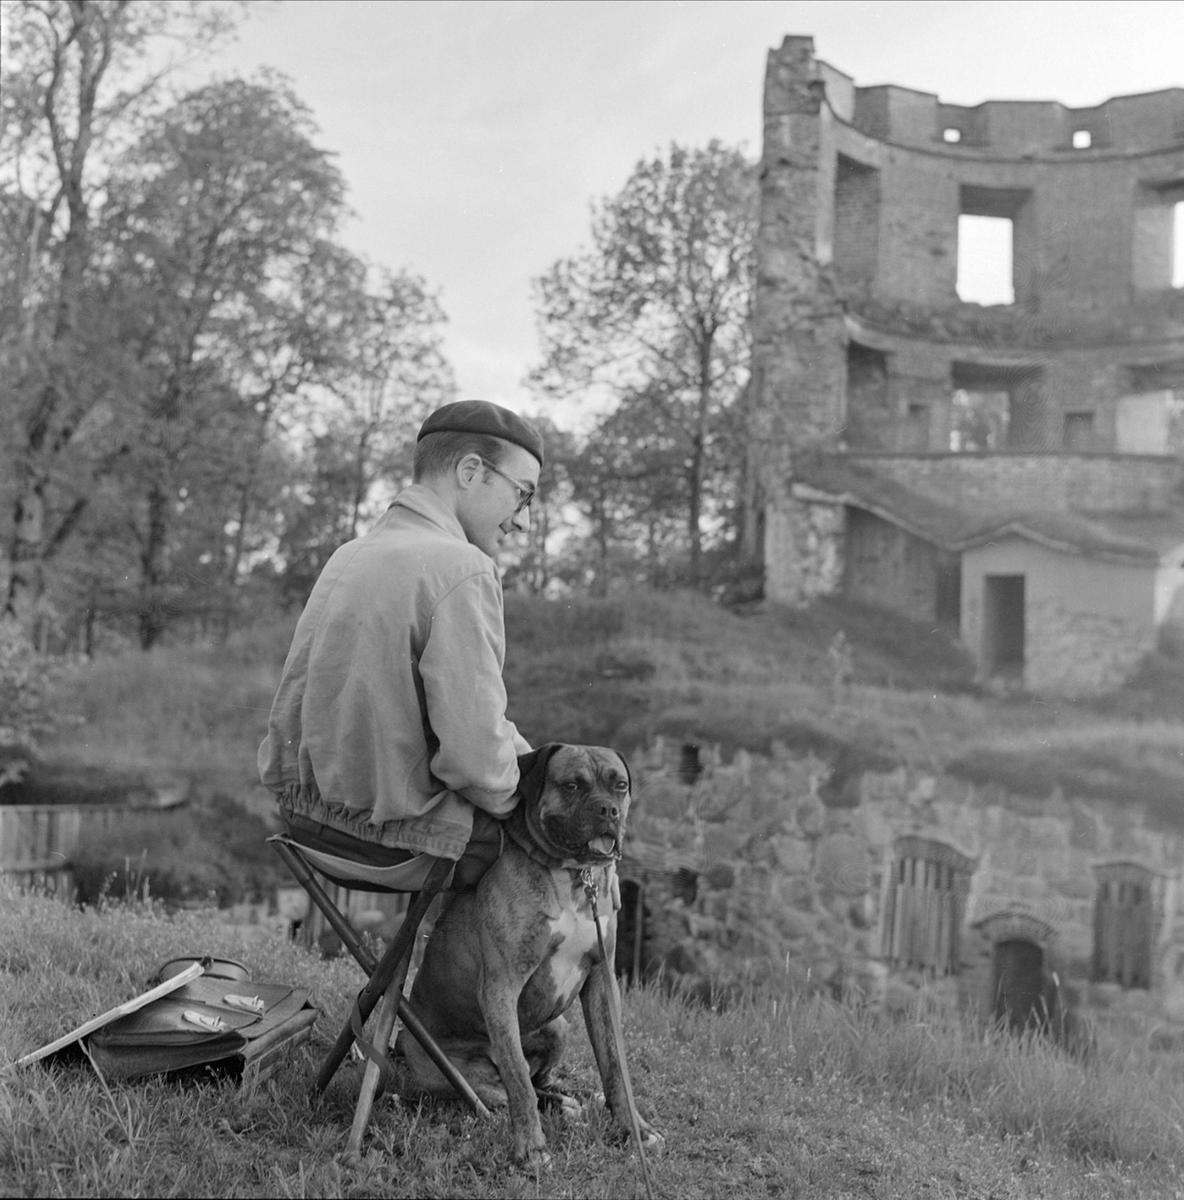 En man med sin hund vid Mörby slottsruiner i Mörby, Fasterna socken, Uppland 1960